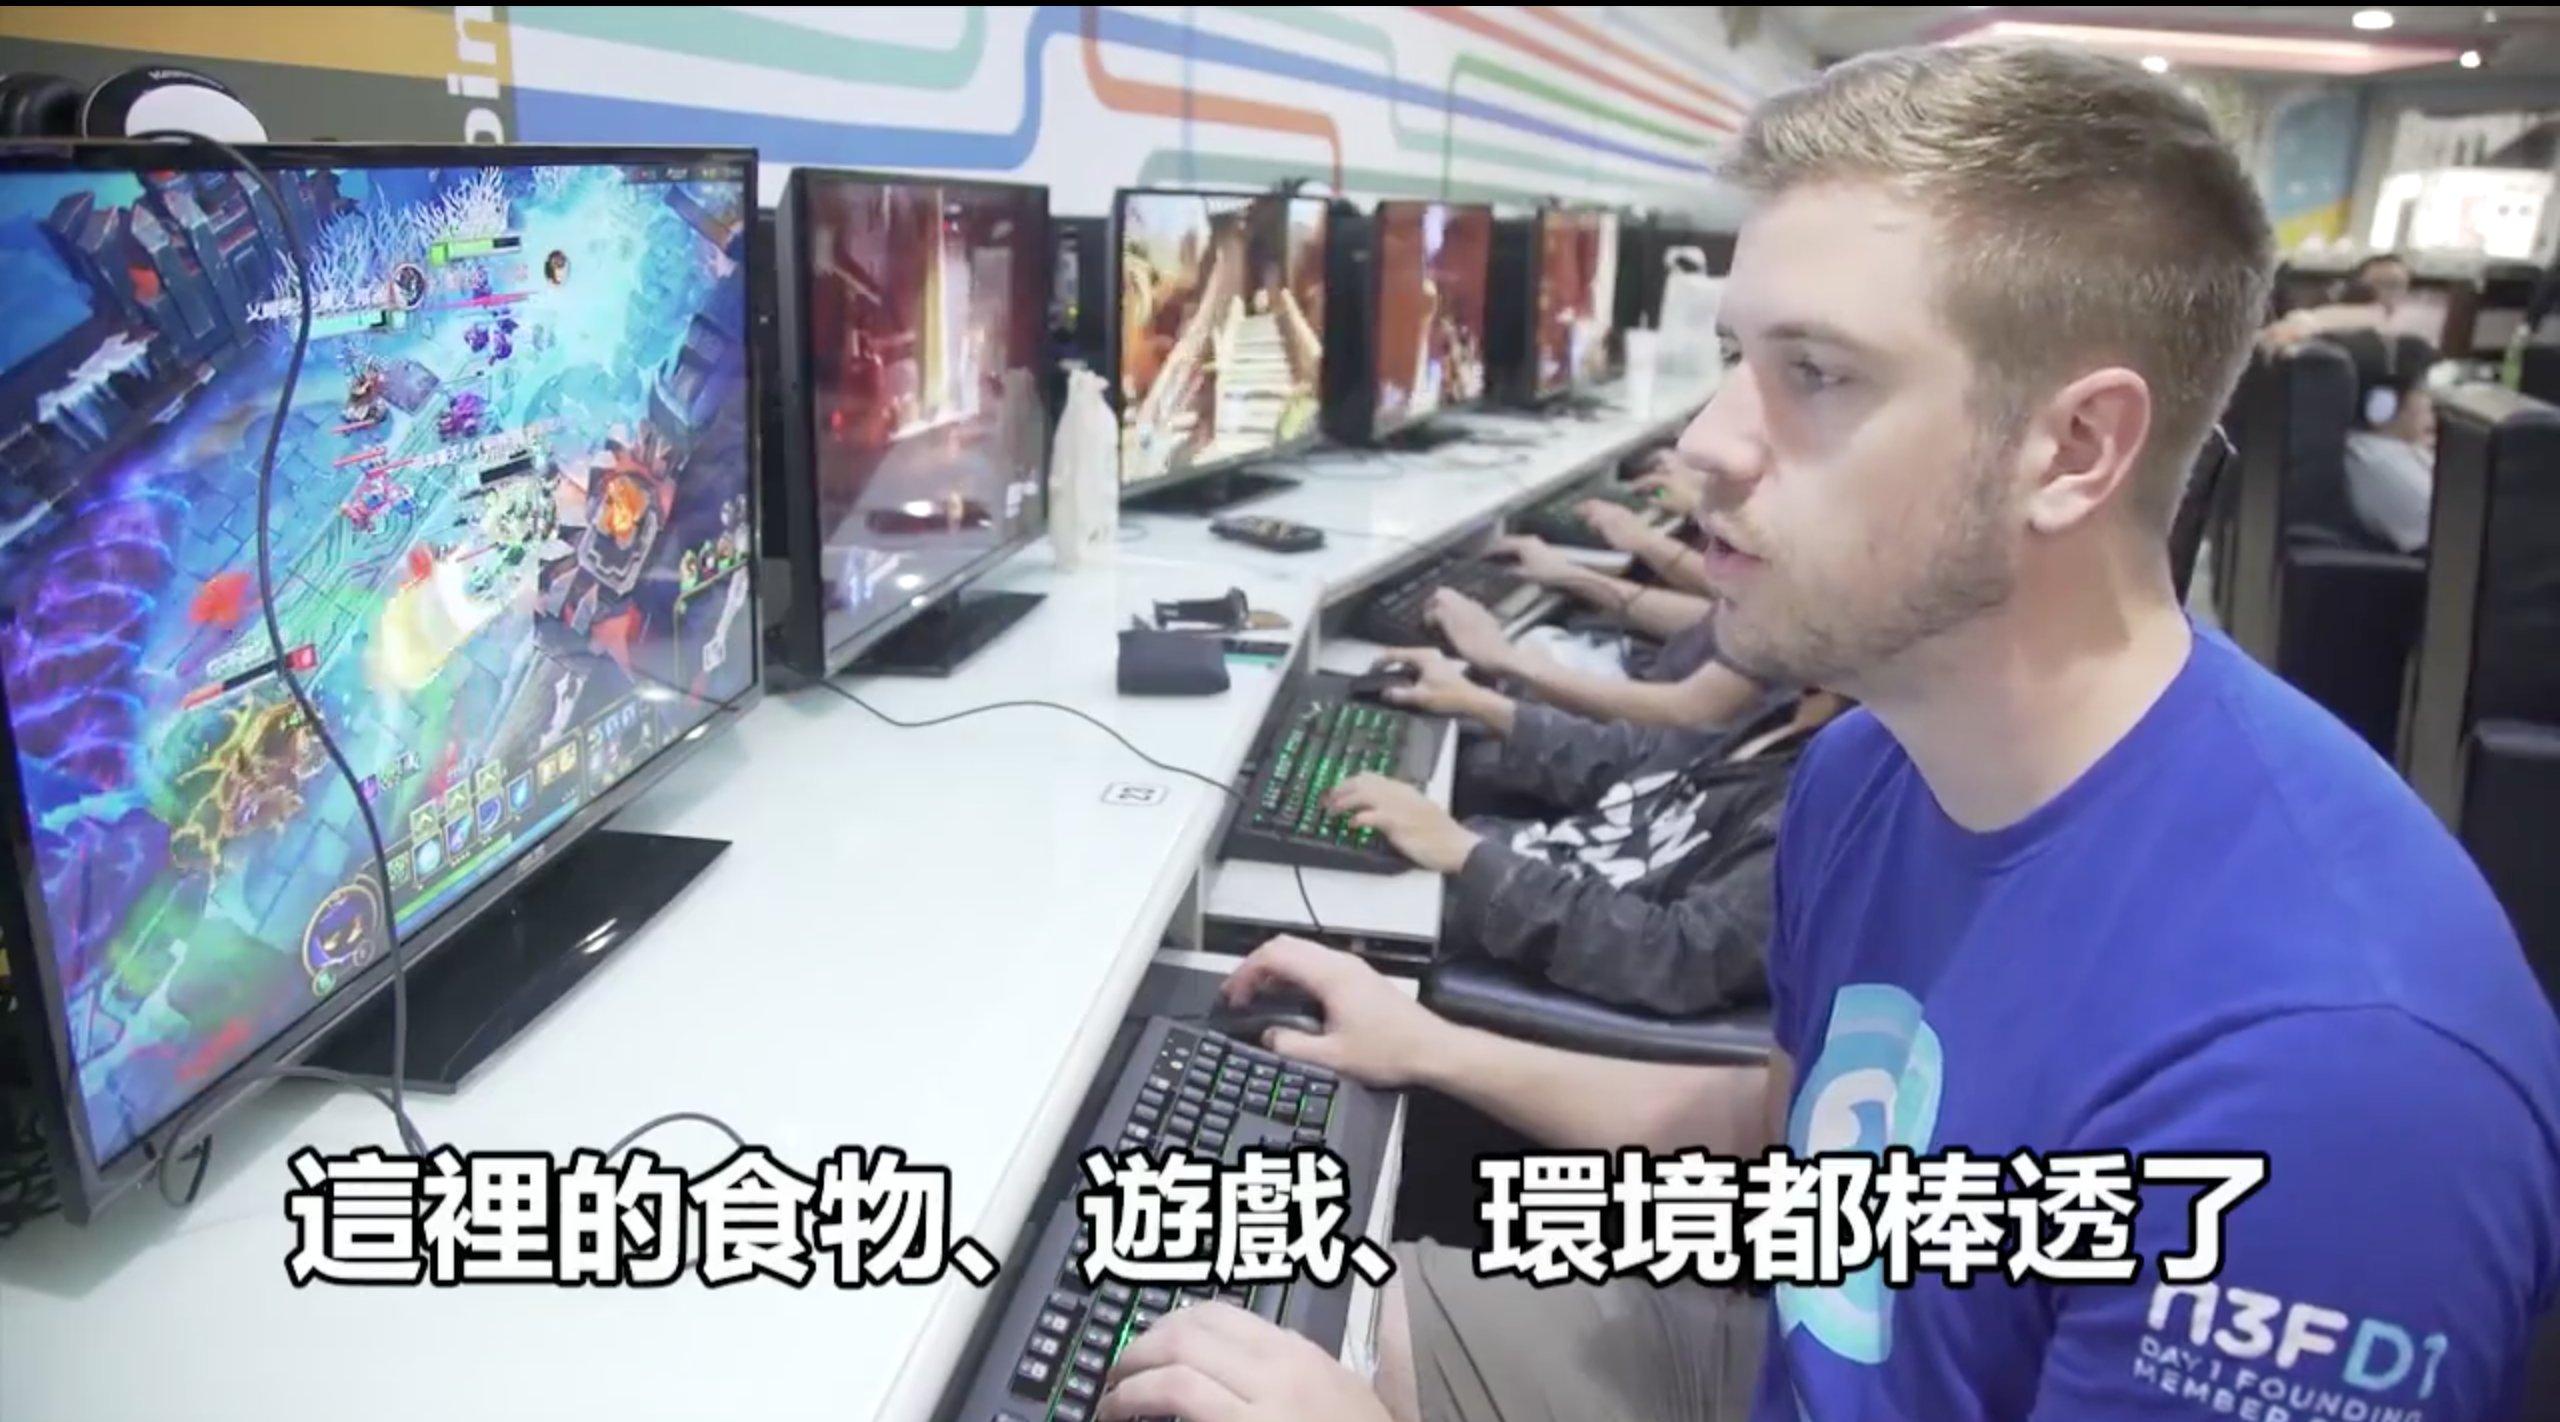 e89ea2e5b995e5bfabe785a7 2017 12 05 e4b88be58d8812 38 13 2.png?resize=300,169 - 外國人眼裡的網咖 究竟是台灣之恥還是台灣之光?